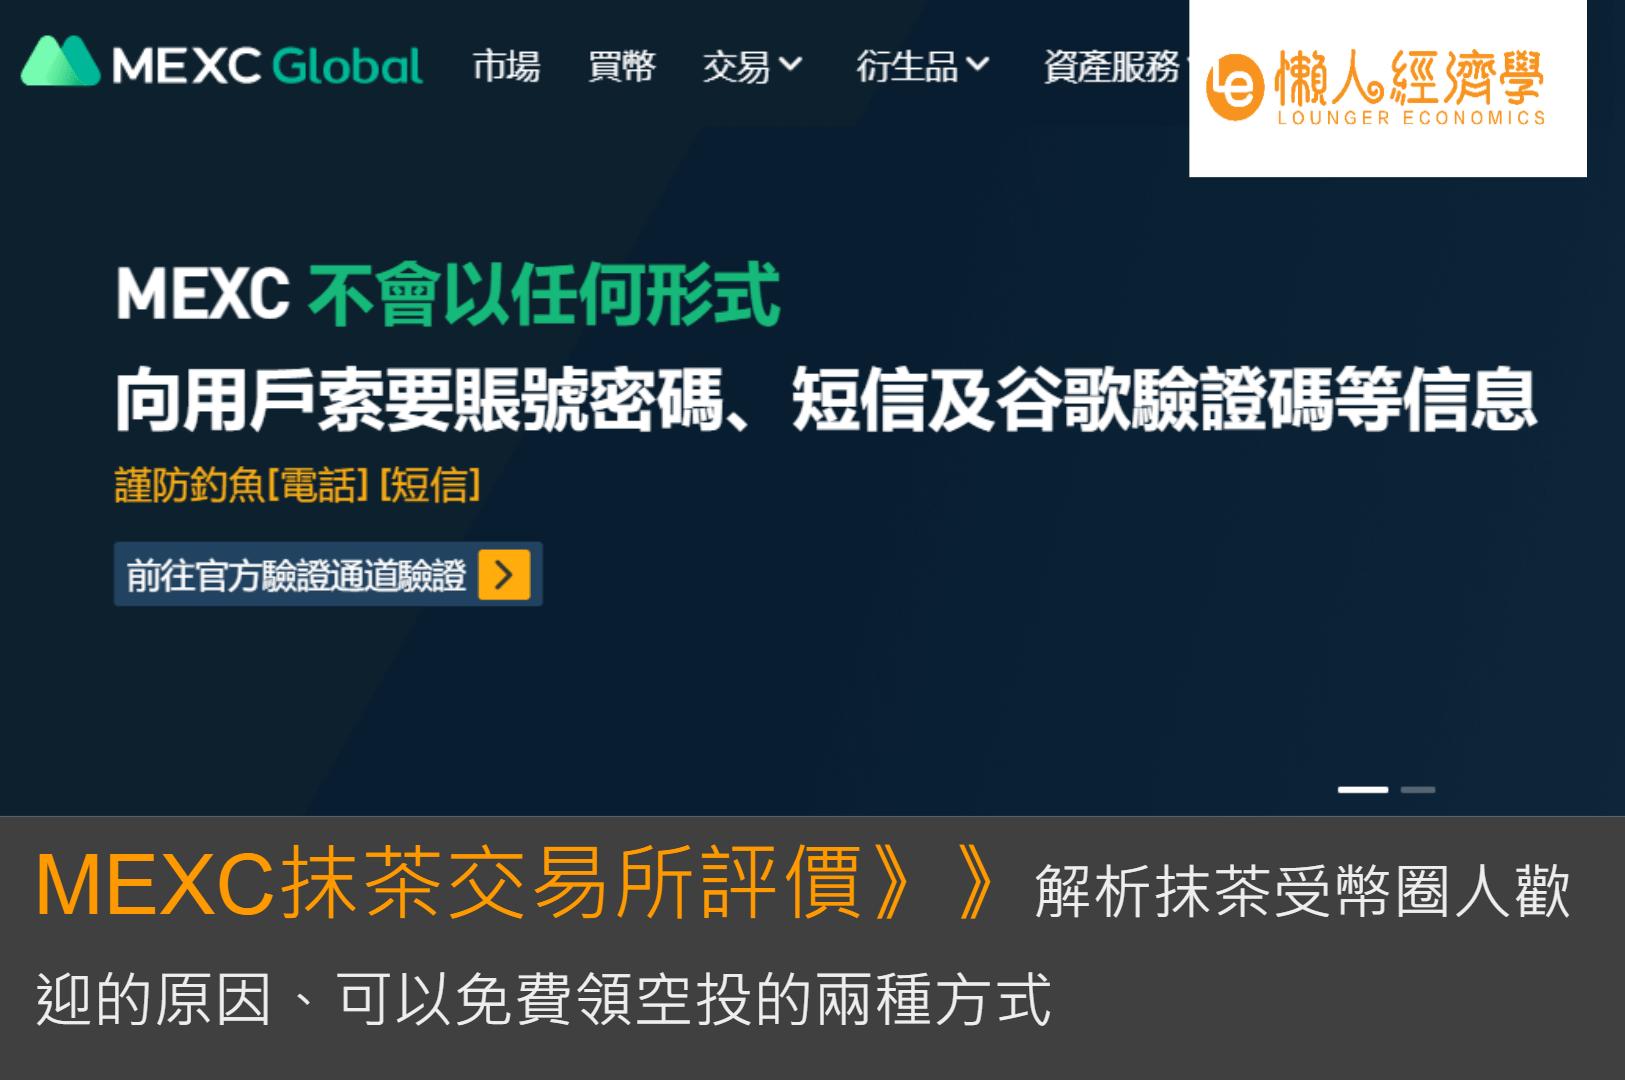 MXC 交易所評價:是否詐騙?抹茶交易所4大特色,免費領空投的2種功能